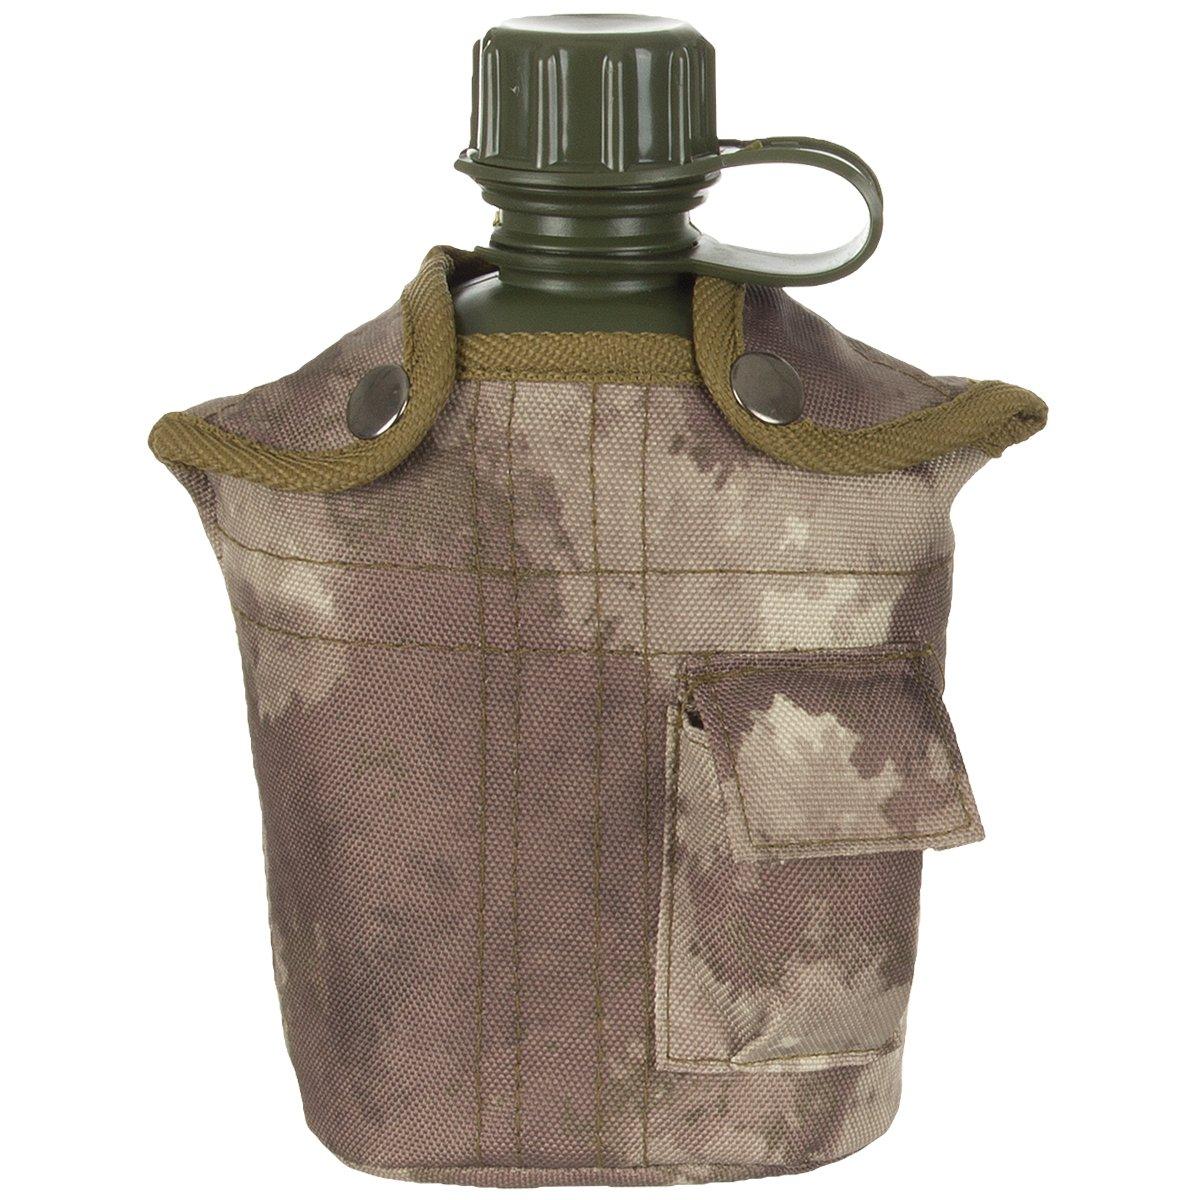 USプラスチックボトル、1 L、ナイロンカバー異なる色  HDT Camo AU B00B0U98DY